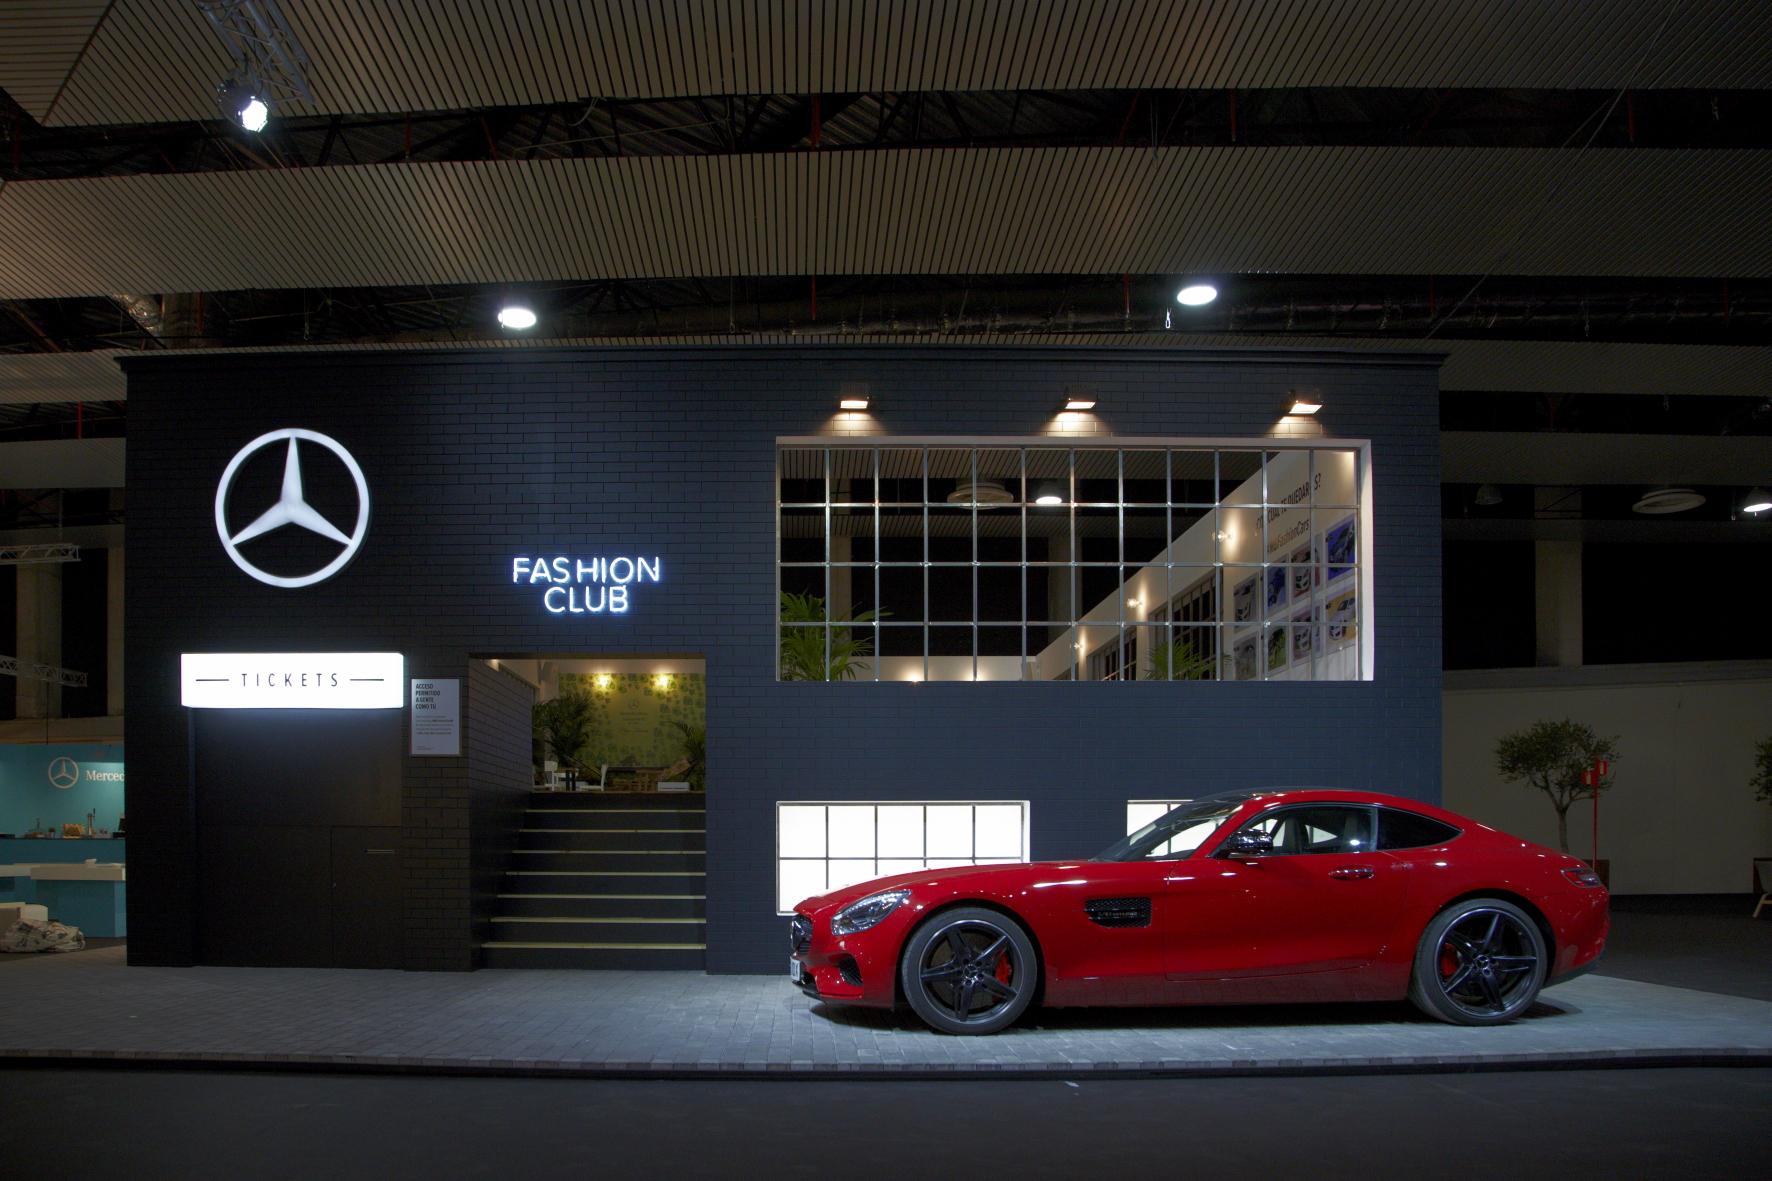 Mercedes Benz Fashion Club